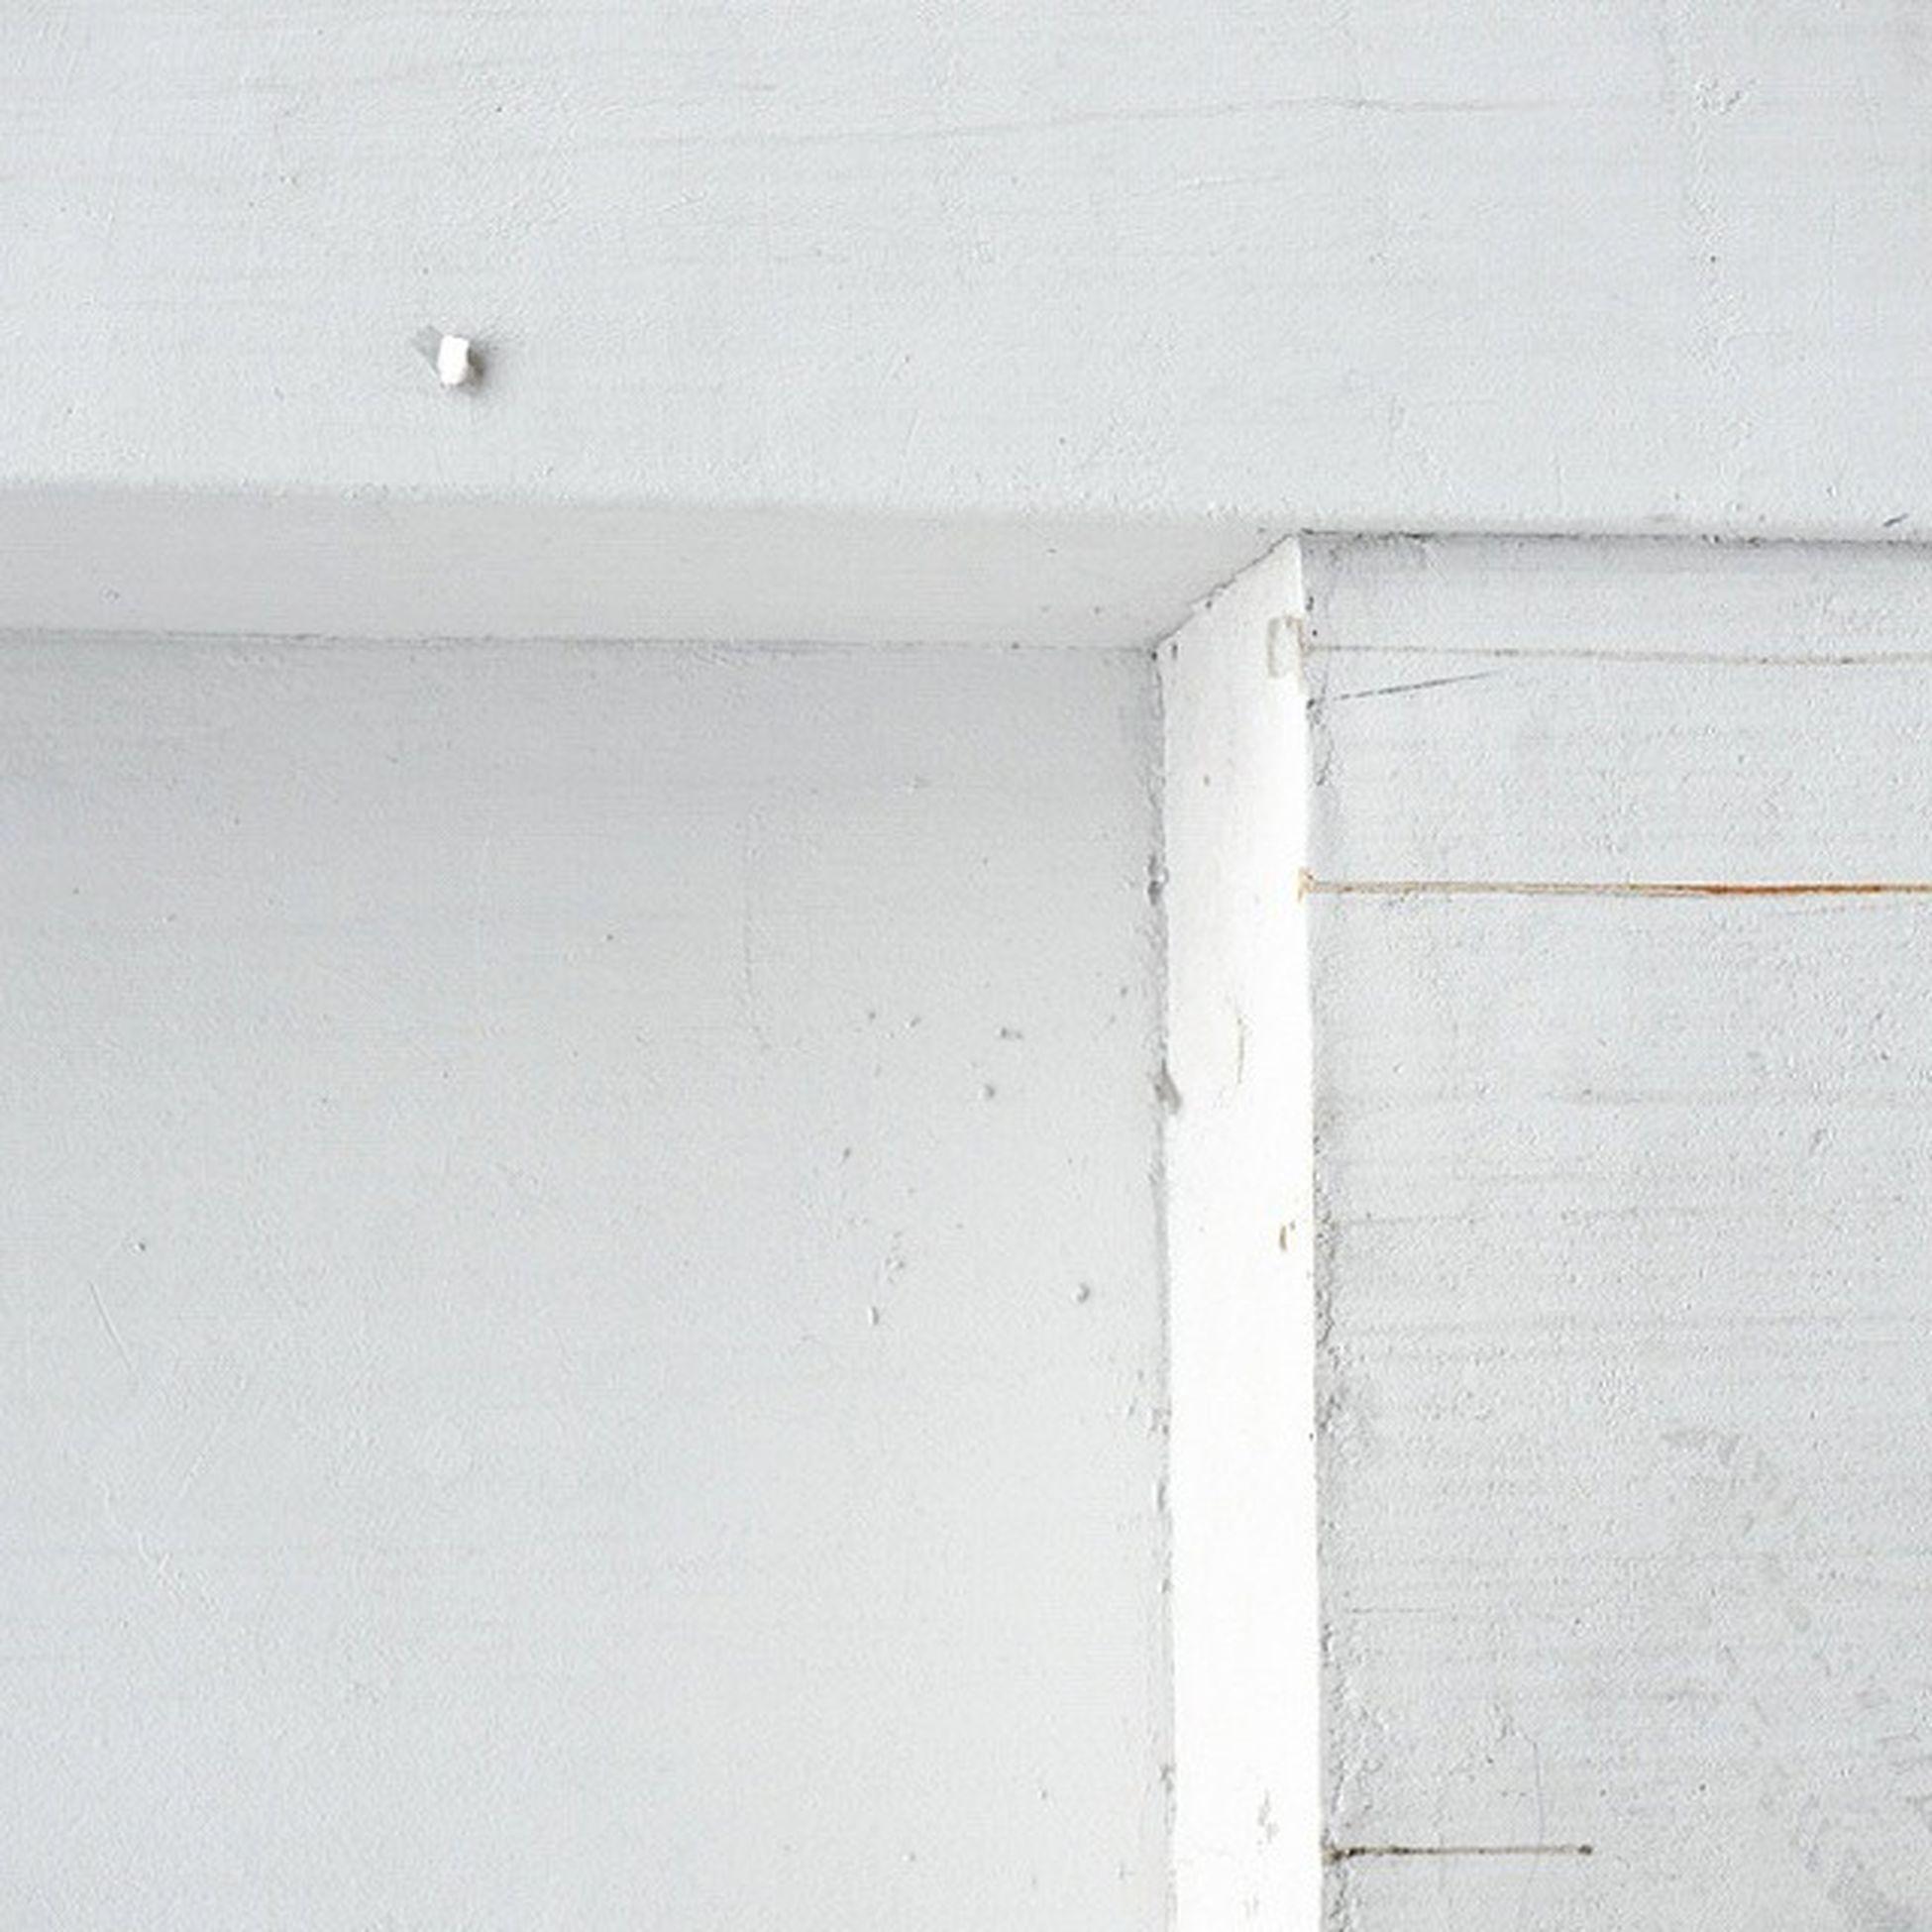 _ 사진 일상 취미 무제 감성 포토 스냅사진 데일리 모던빈티지 daily dailypic photo white instalike